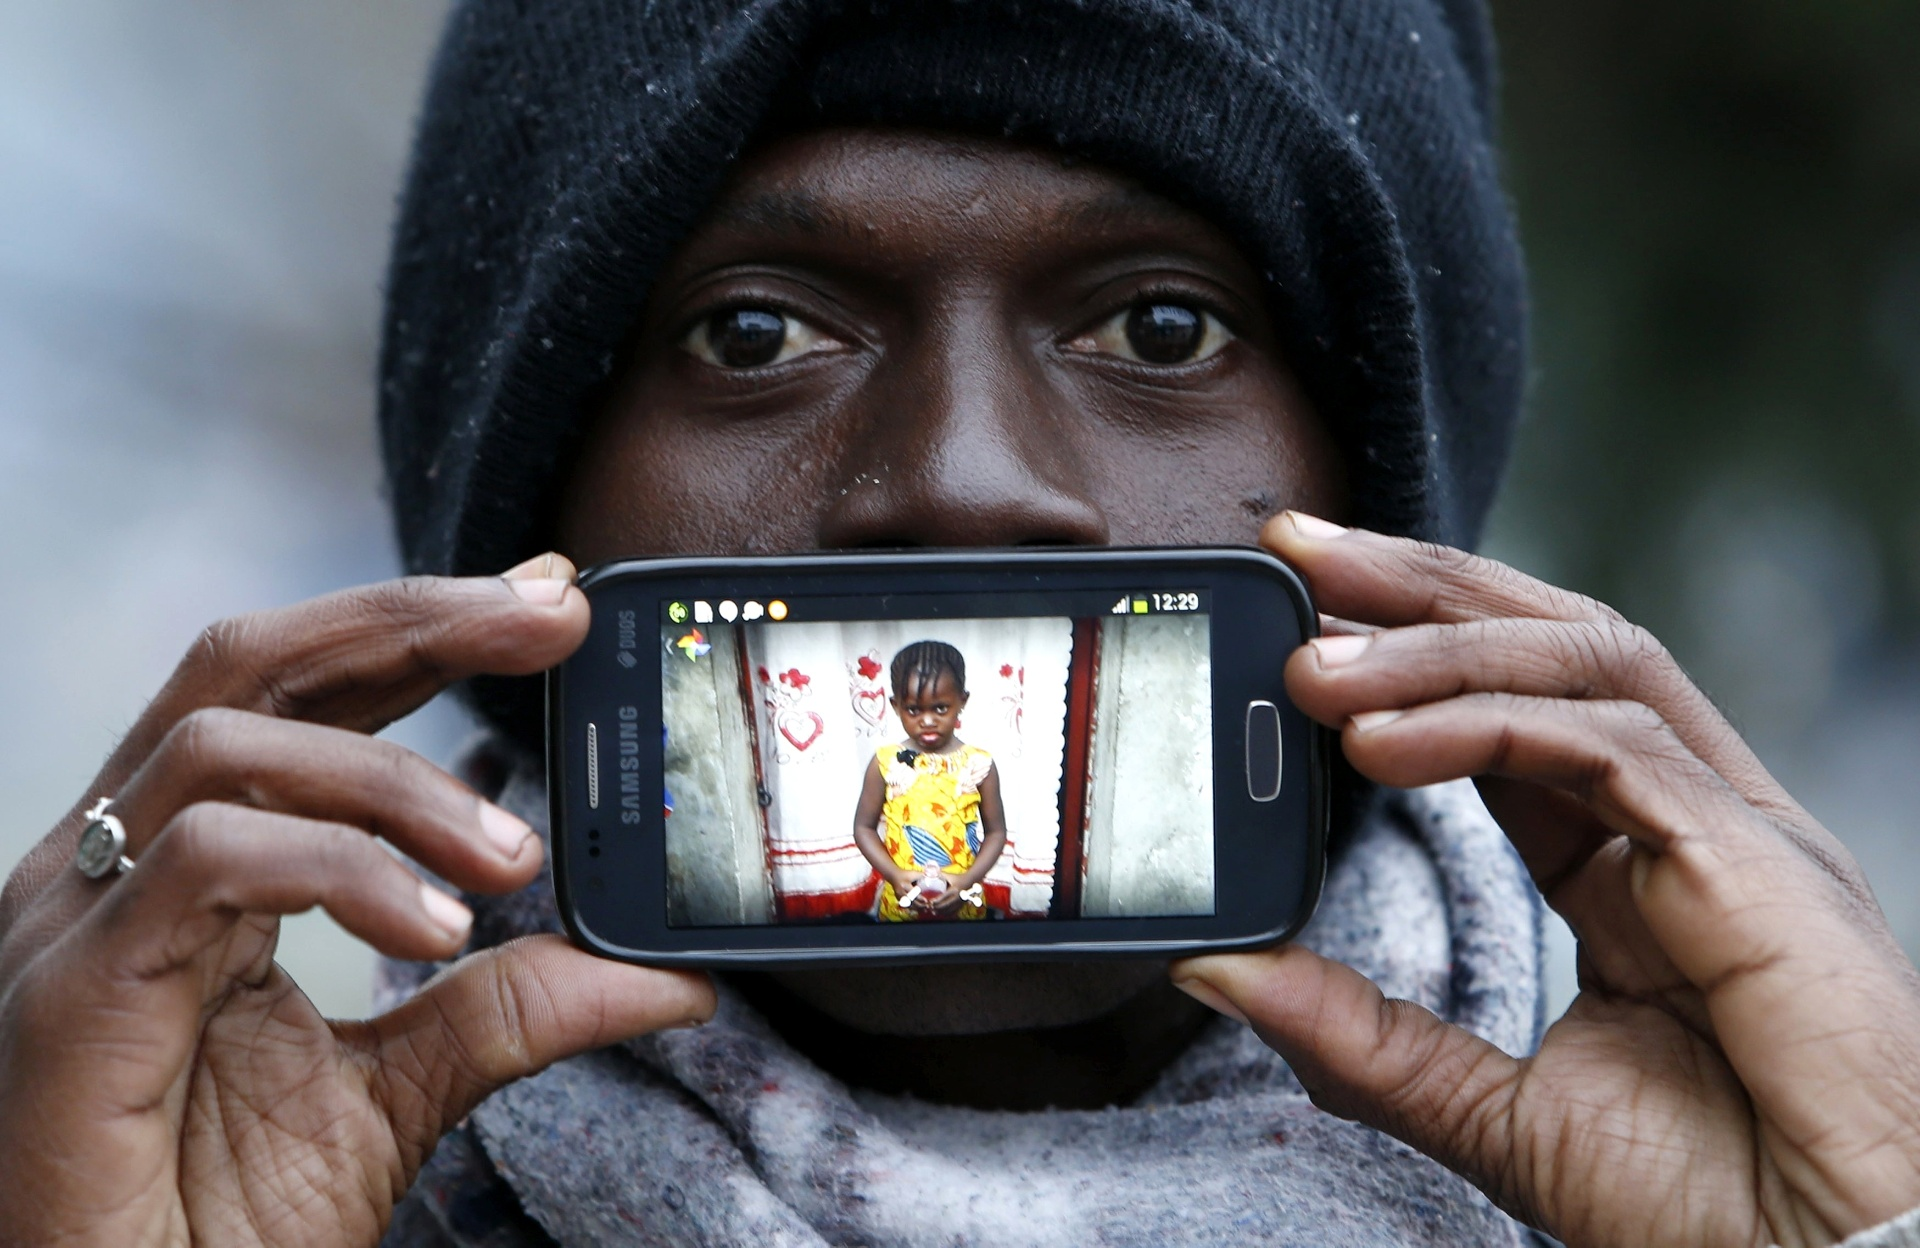 Papi, de Kinshasa, no Congo, mostra uma imagem de sua filha Gisele enquanto aguarda para cruzar a fronteira da Eslovênia com a Áustria